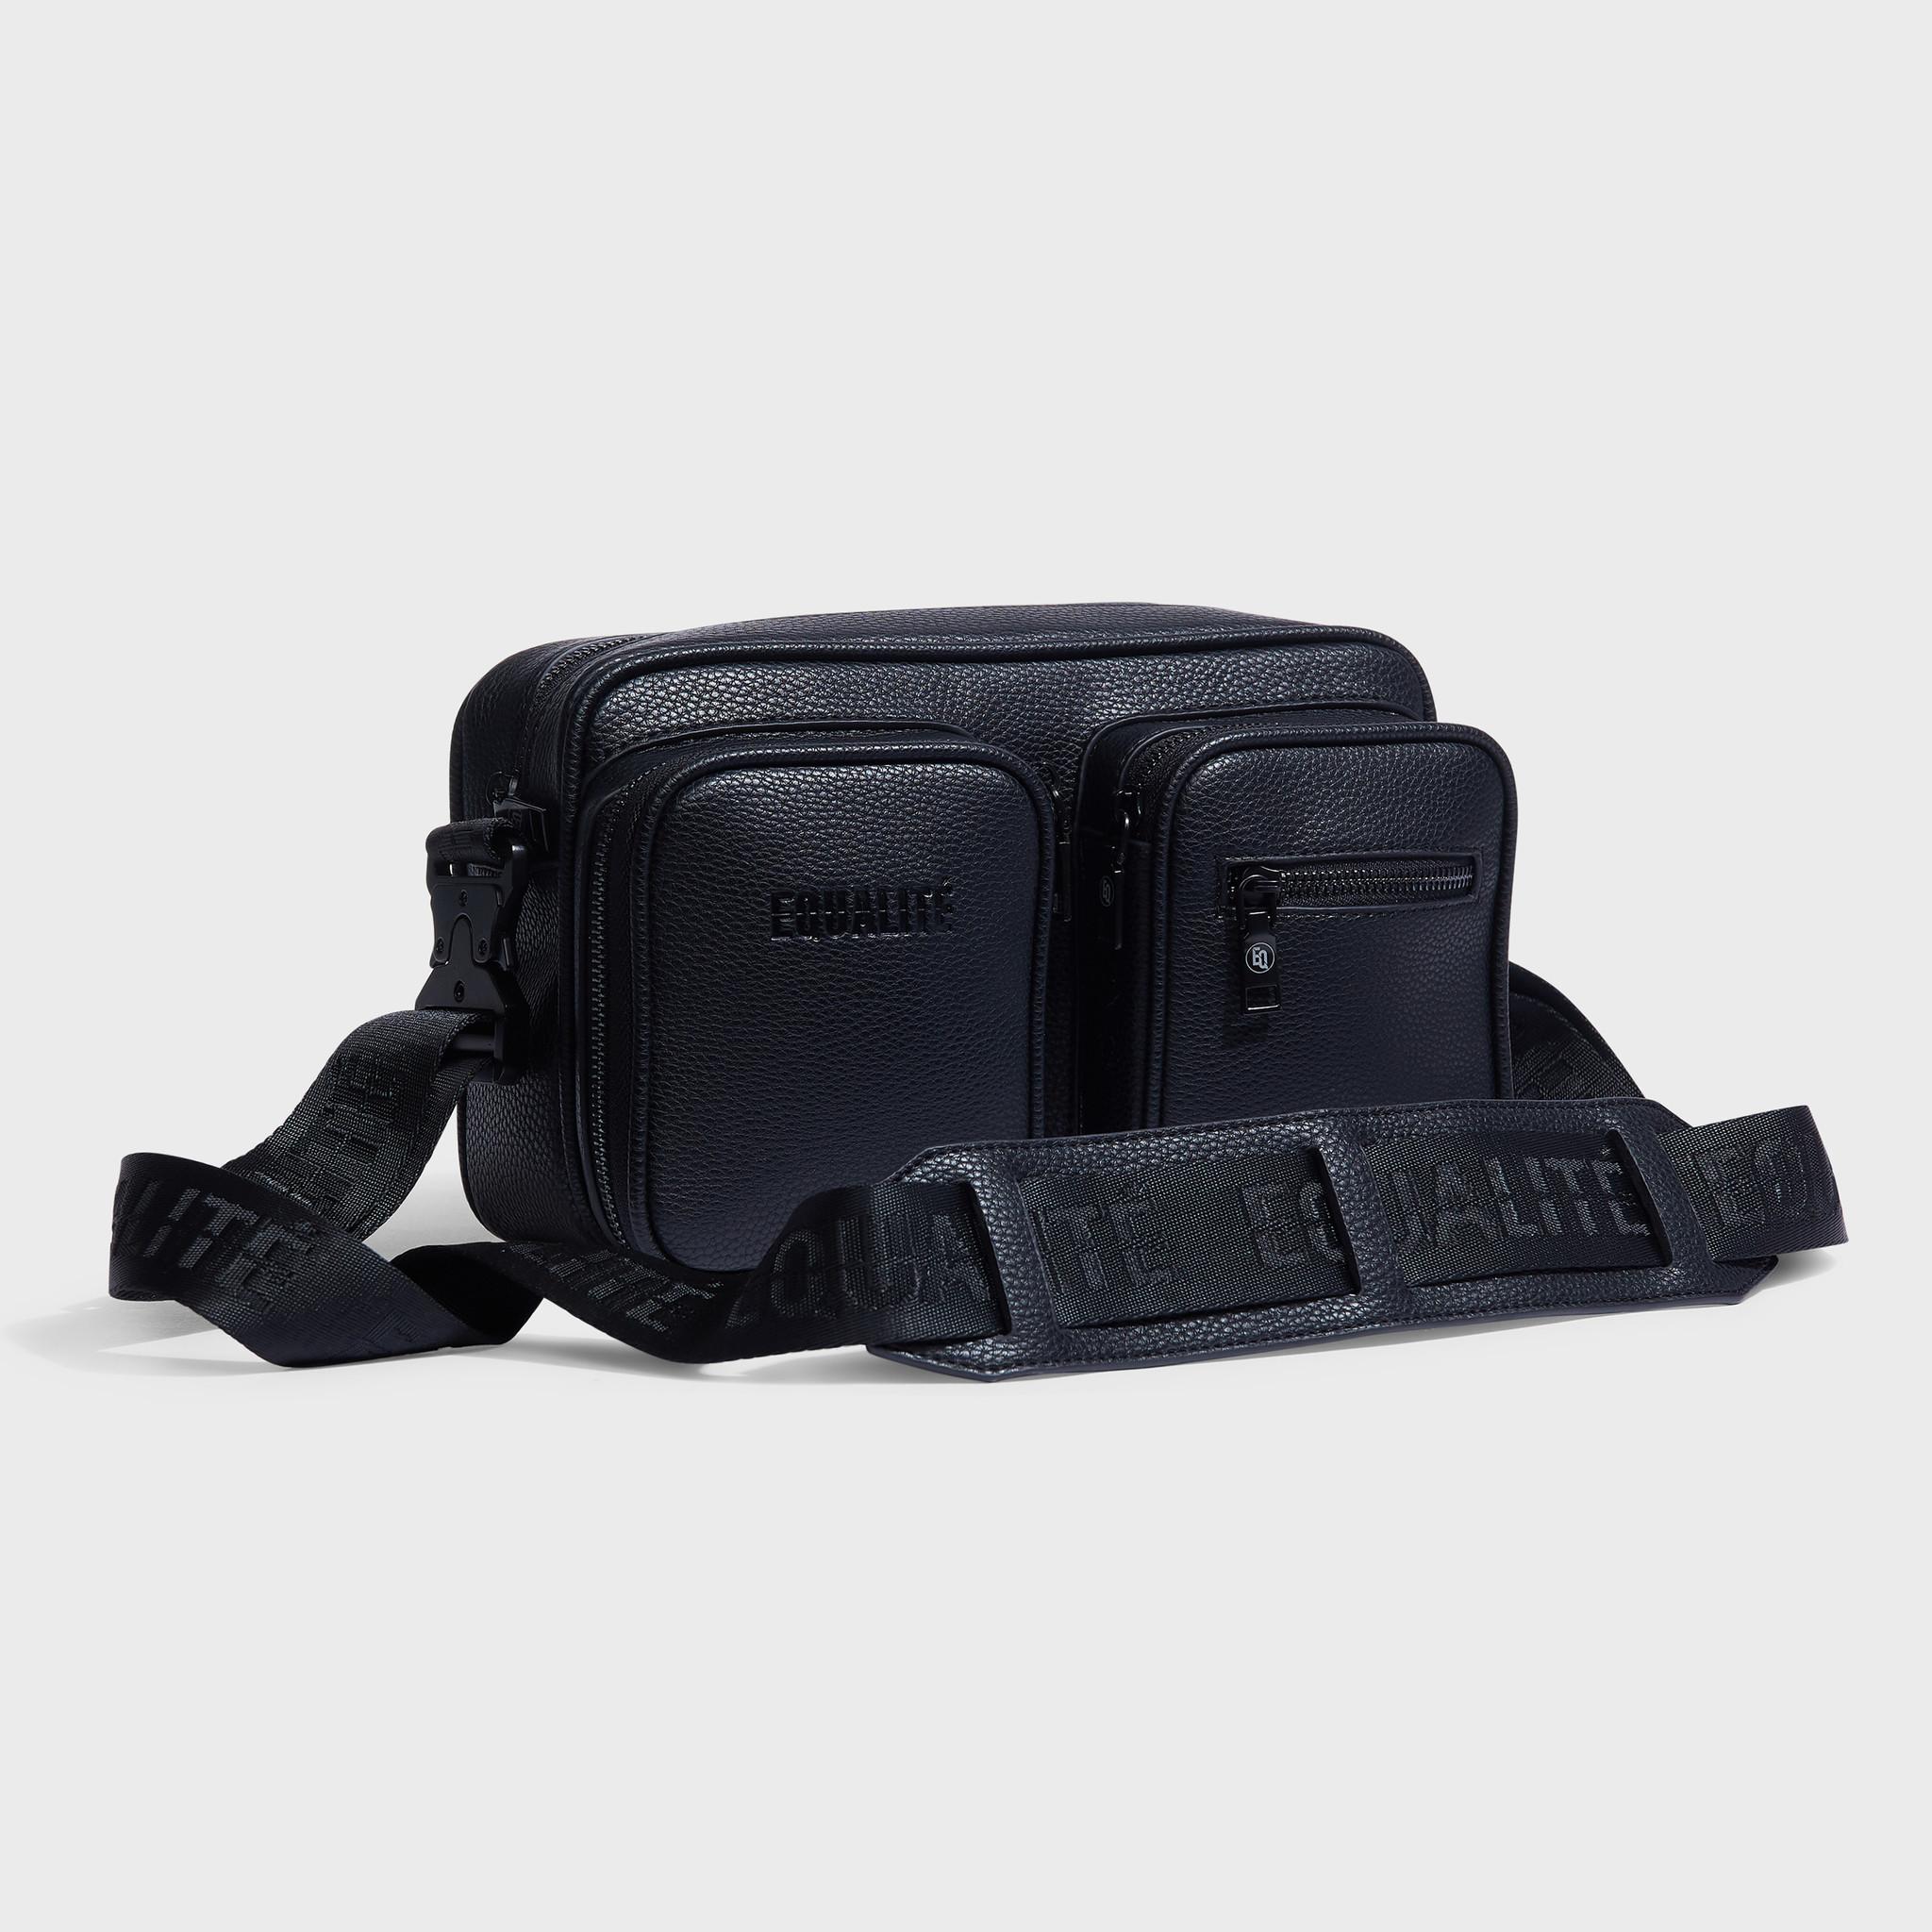 Pocket messengerbag black-3